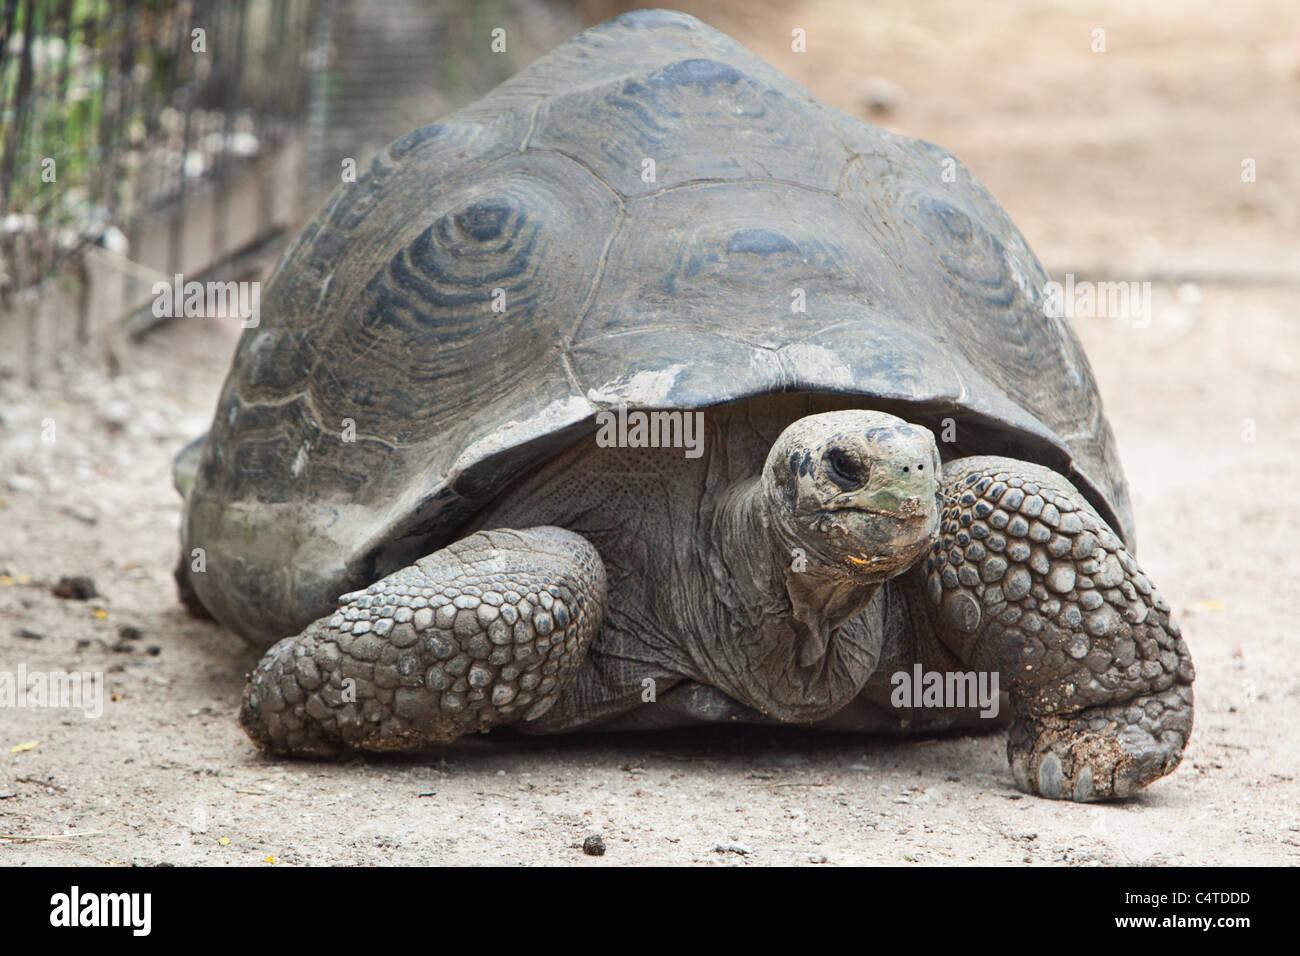 Giant tortoise at the Austin Zoo - Austin, Texas Stock Photo